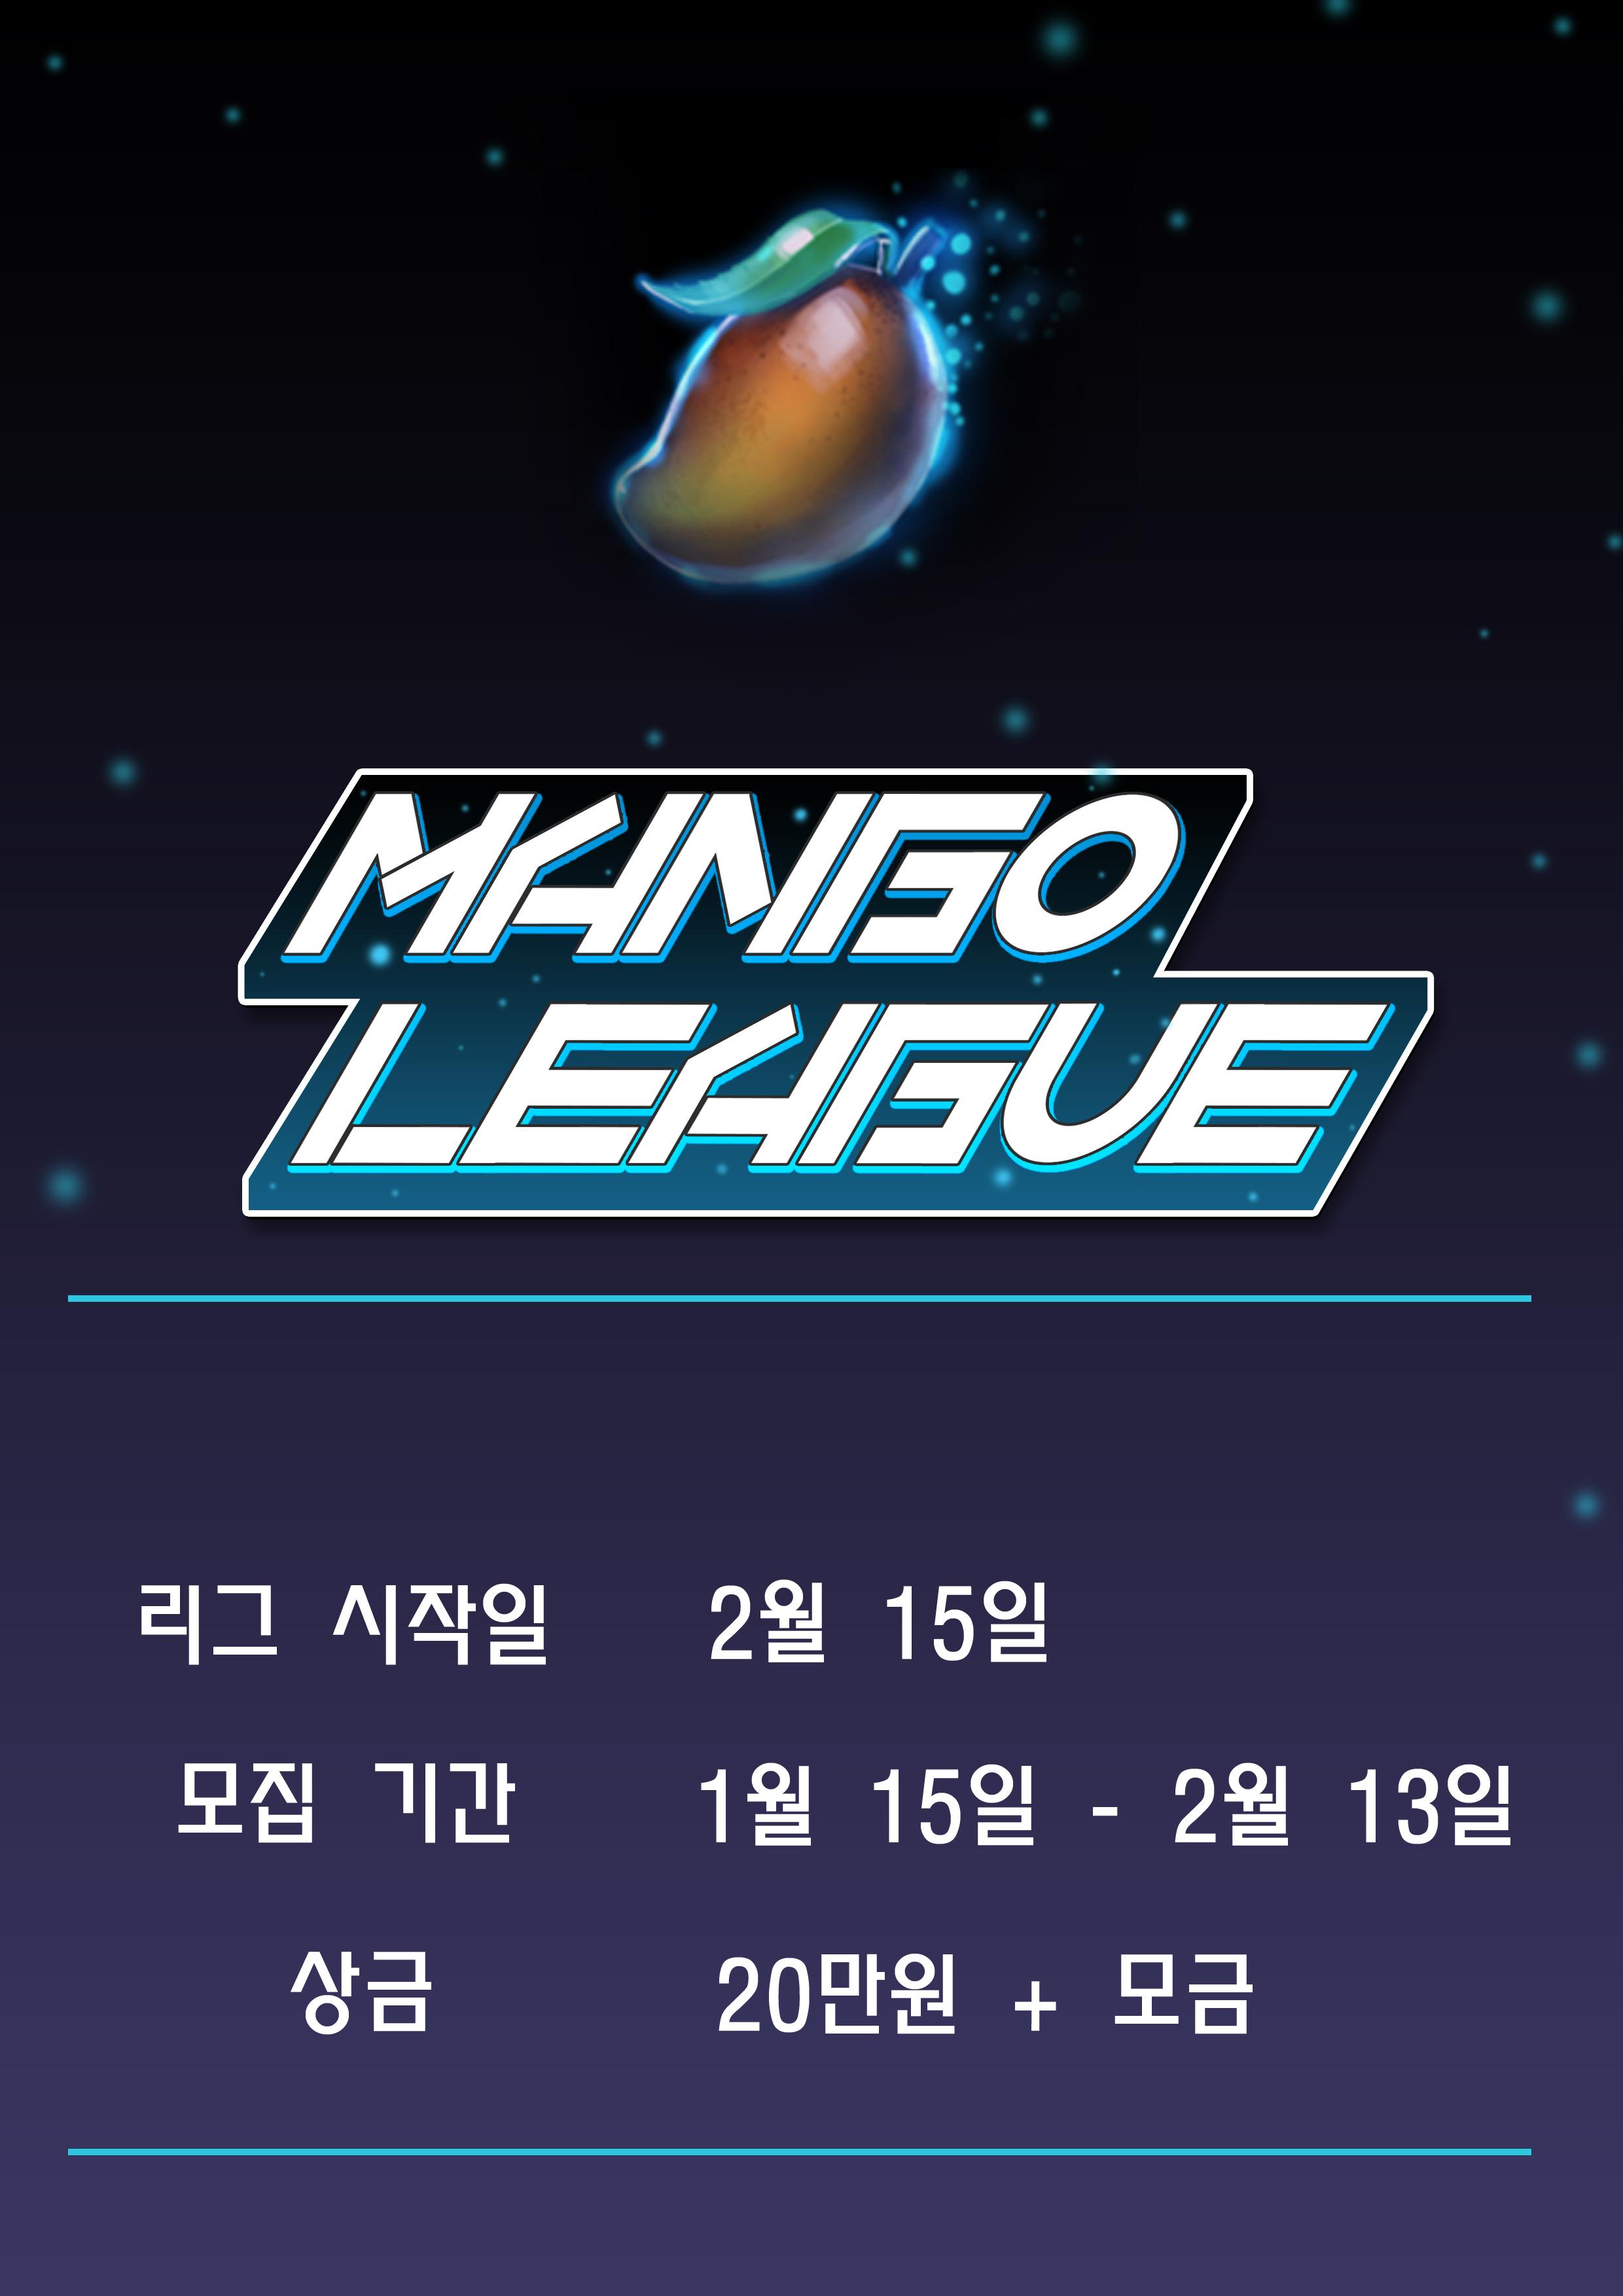 도타2 리그 망고리그 참가해주세여!